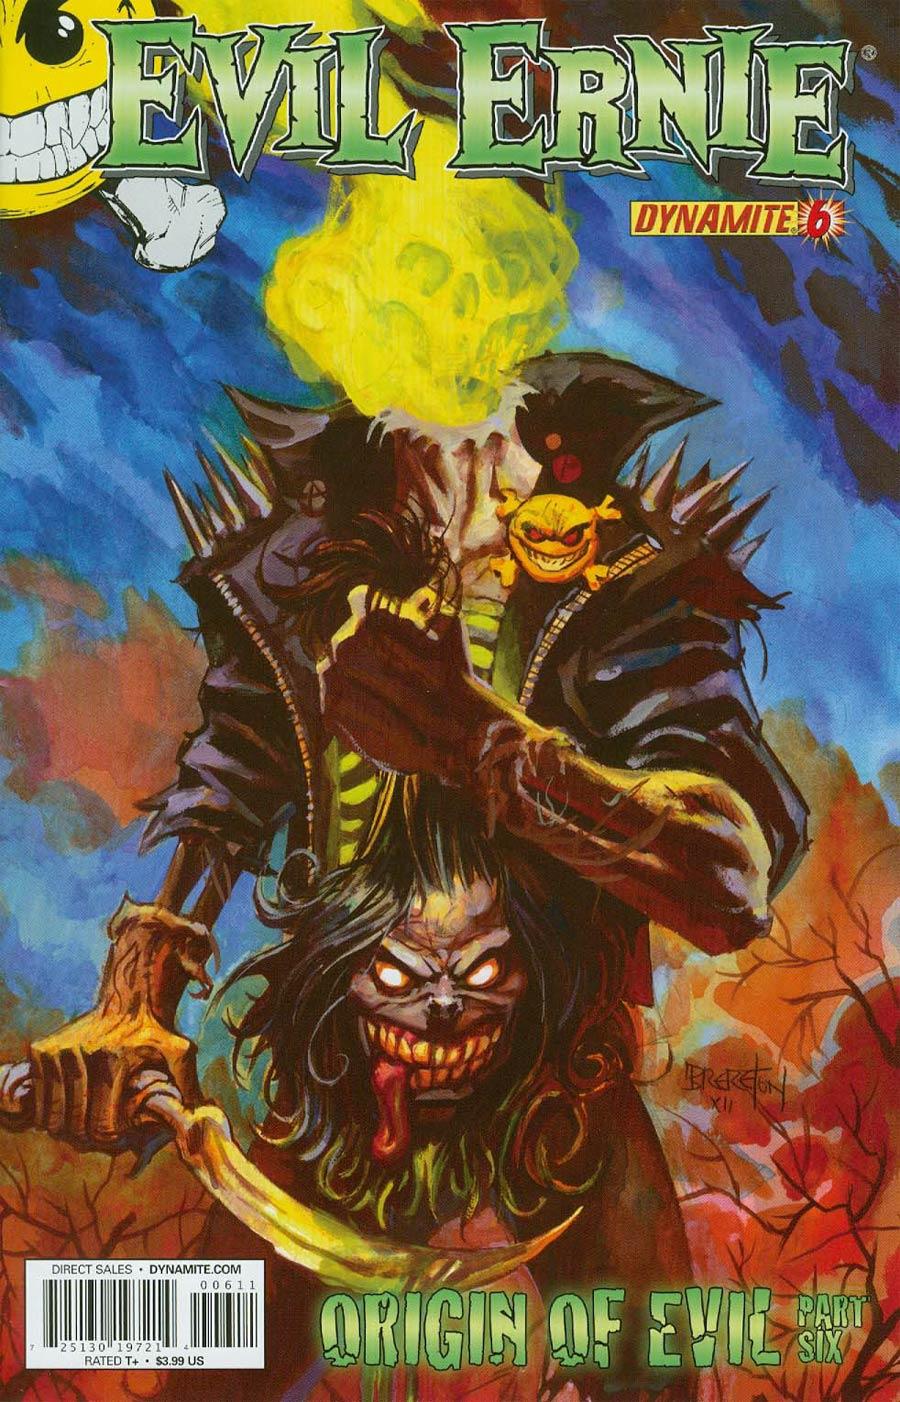 Evil Ernie Vol 3 #6 Cover B Regular Dan Brereton Cover